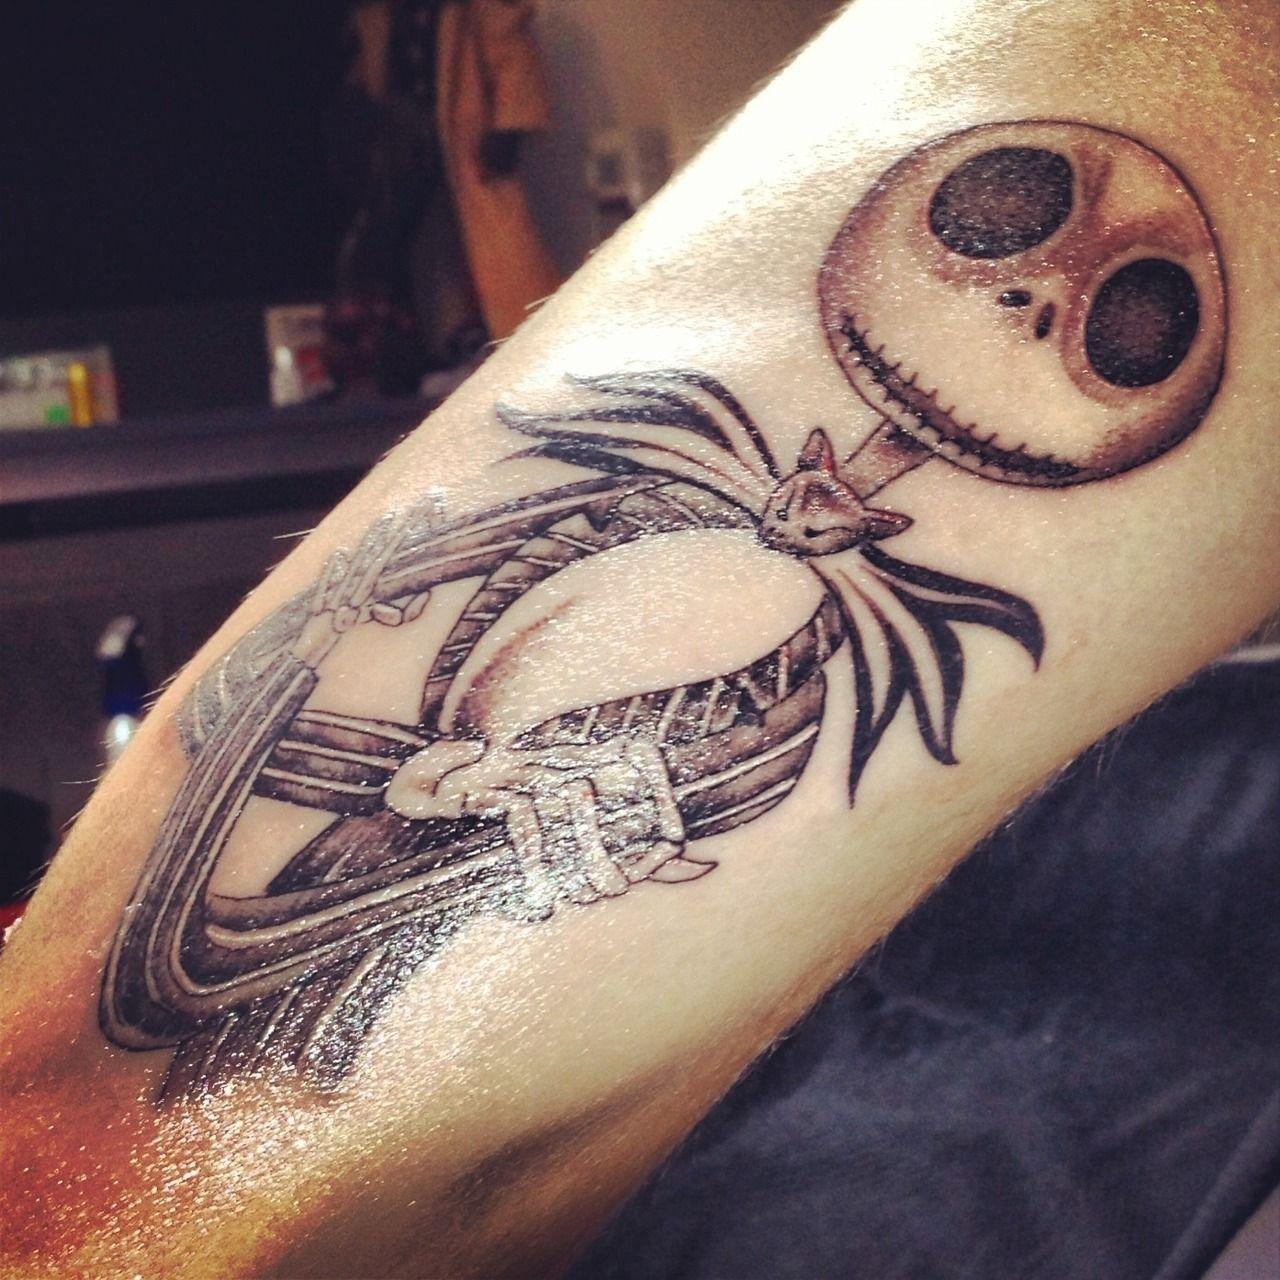 Jack Skellington tattoos Tattoos, Disney tattoos